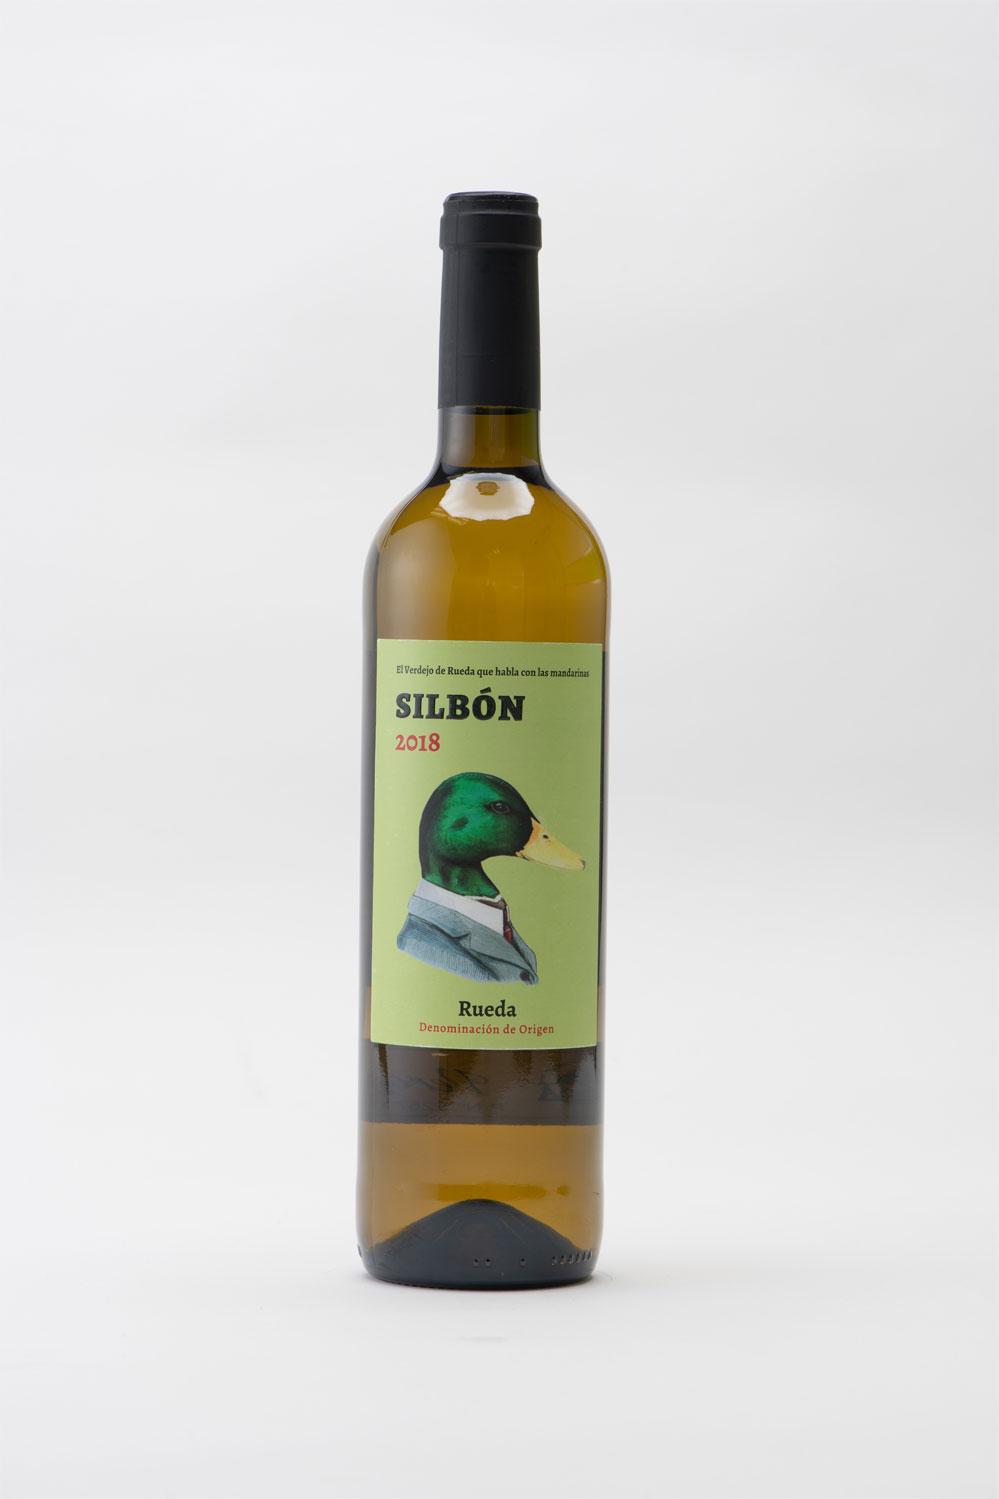 Silbon Verdejo / シルボン ベルデホ